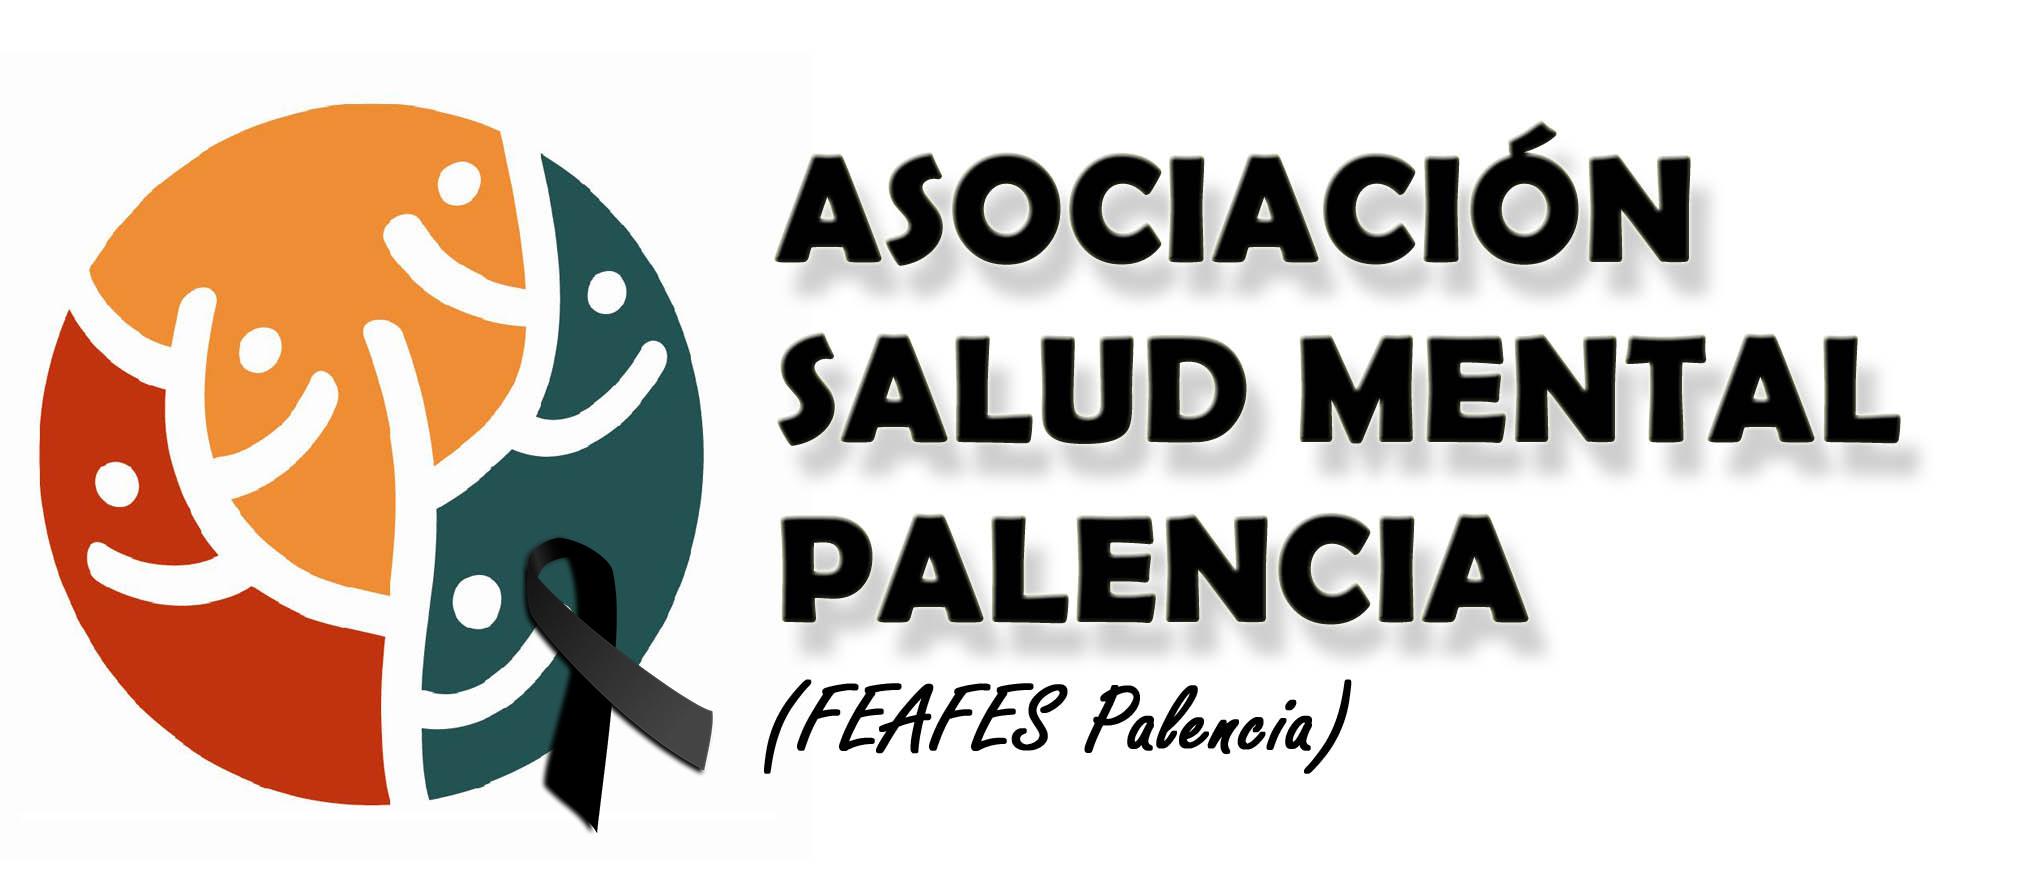 ASOCIACIÓN SALUD MENTAL PALENCIA